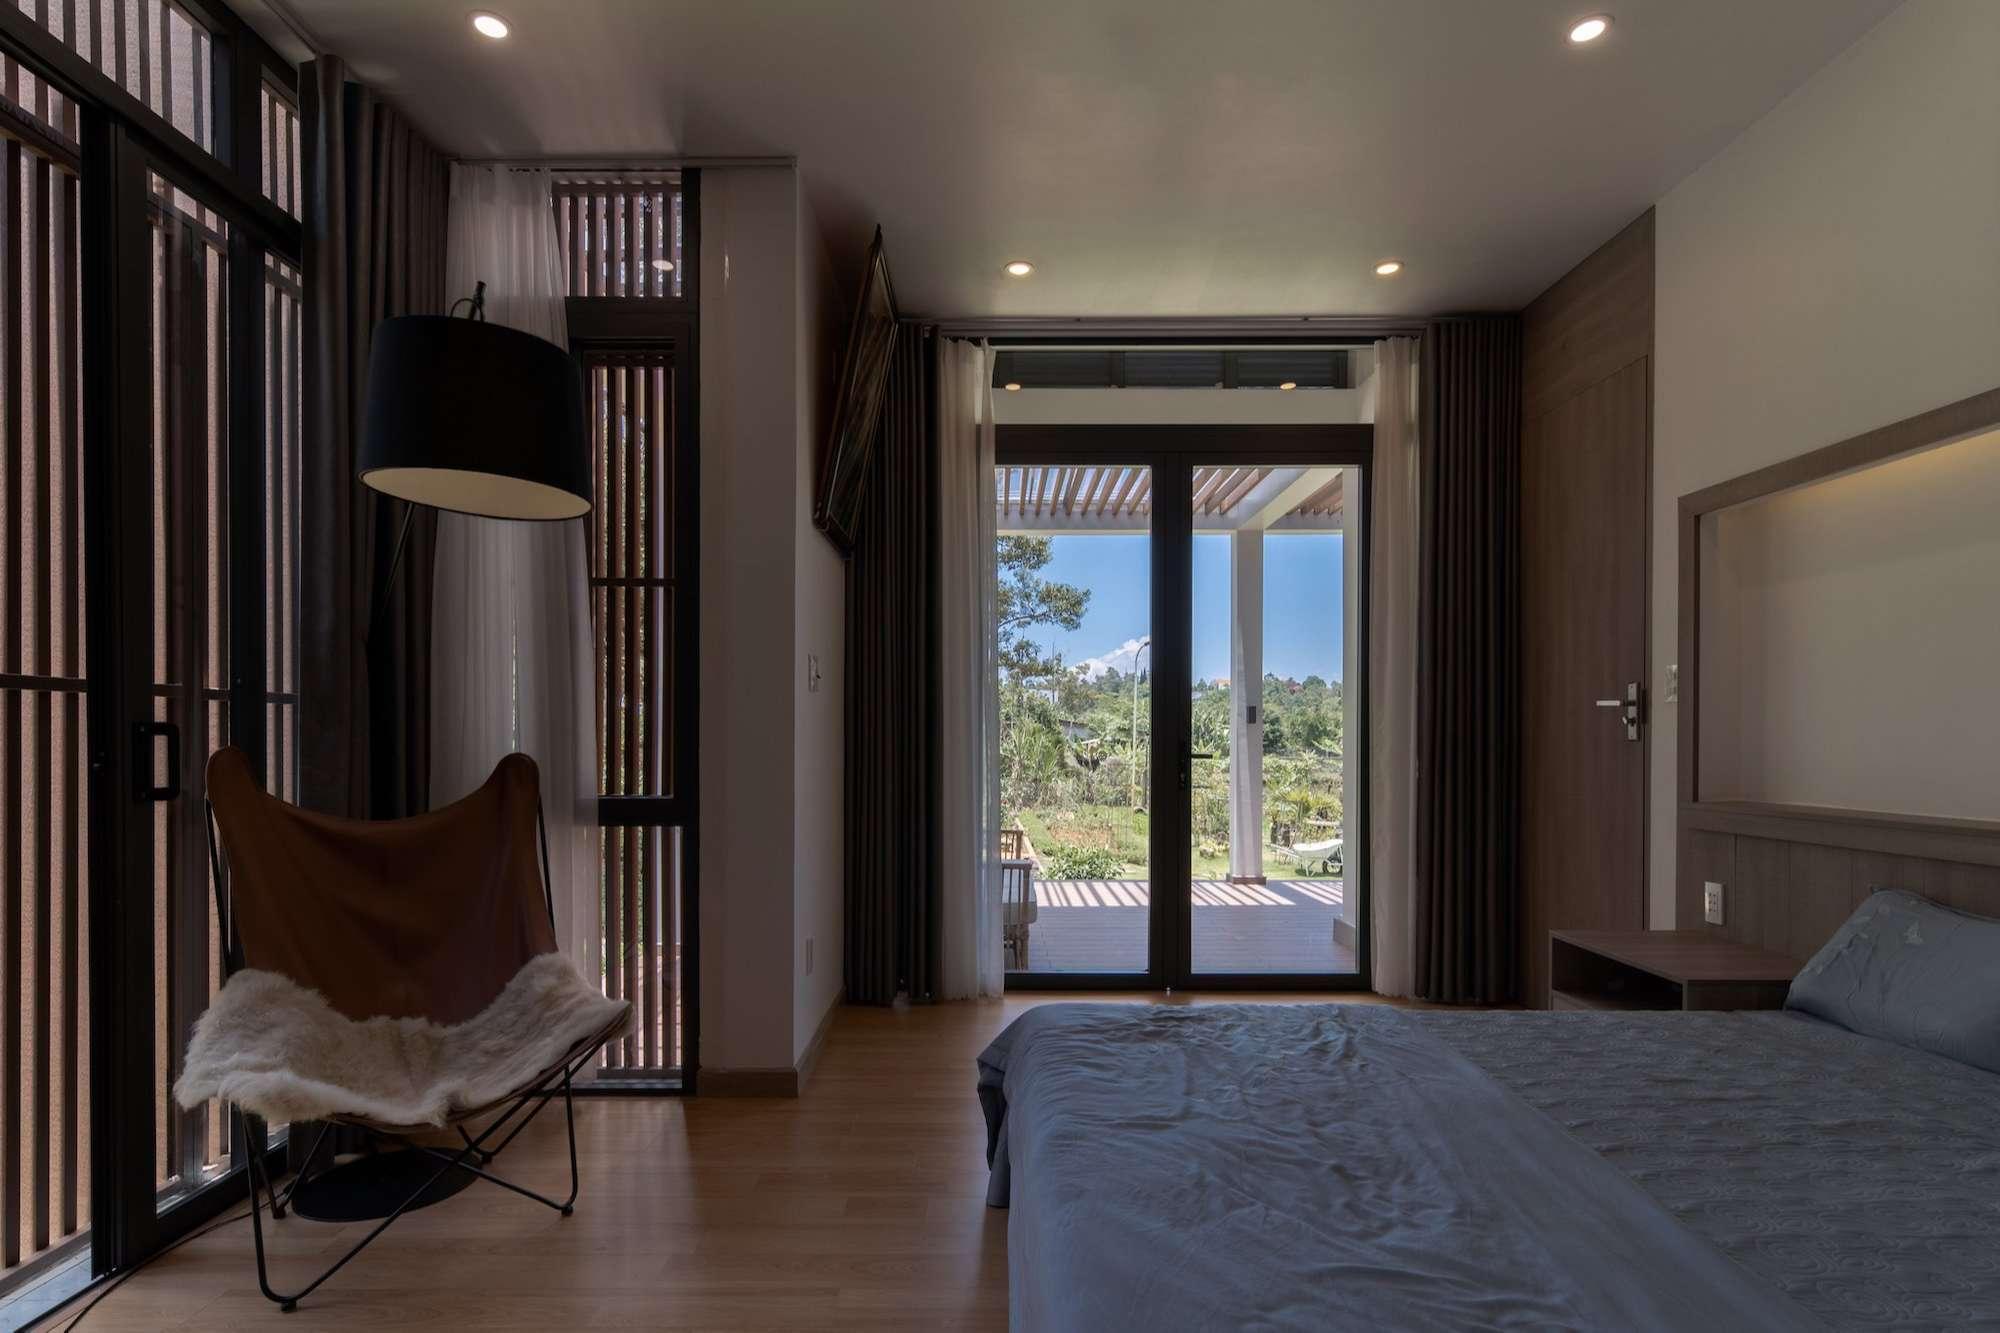 Phòng ngủ của chủ nhà hướng ra vườn và có hiên mát riêng tư.